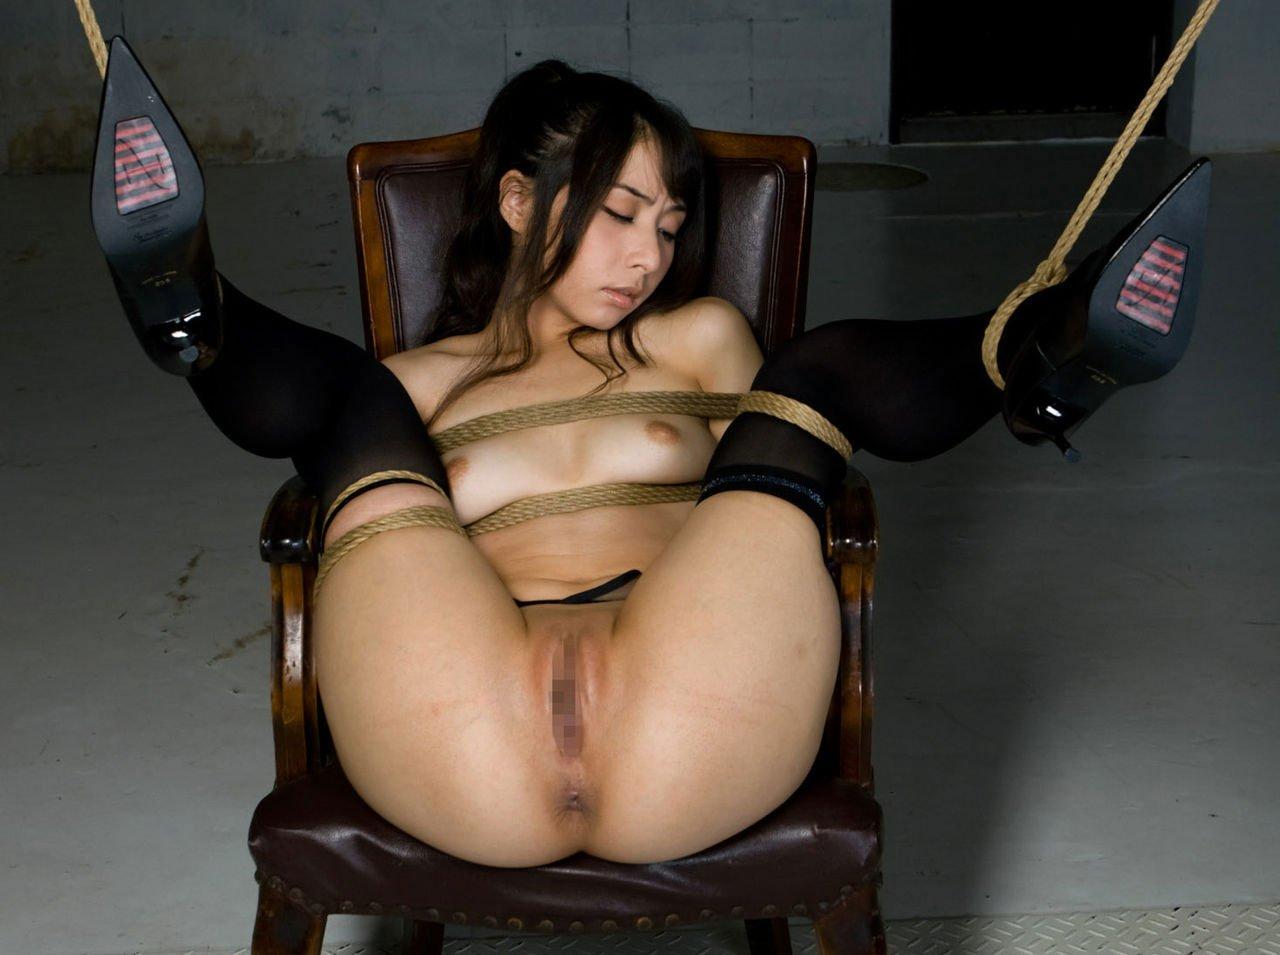 女の子を縛って吊るして弄ぶ (2)